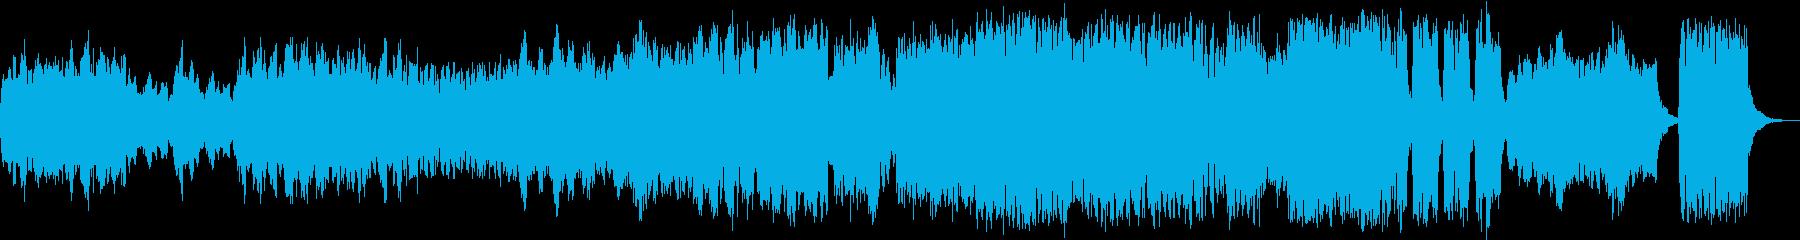 格調高いシリアスなクラシックの再生済みの波形